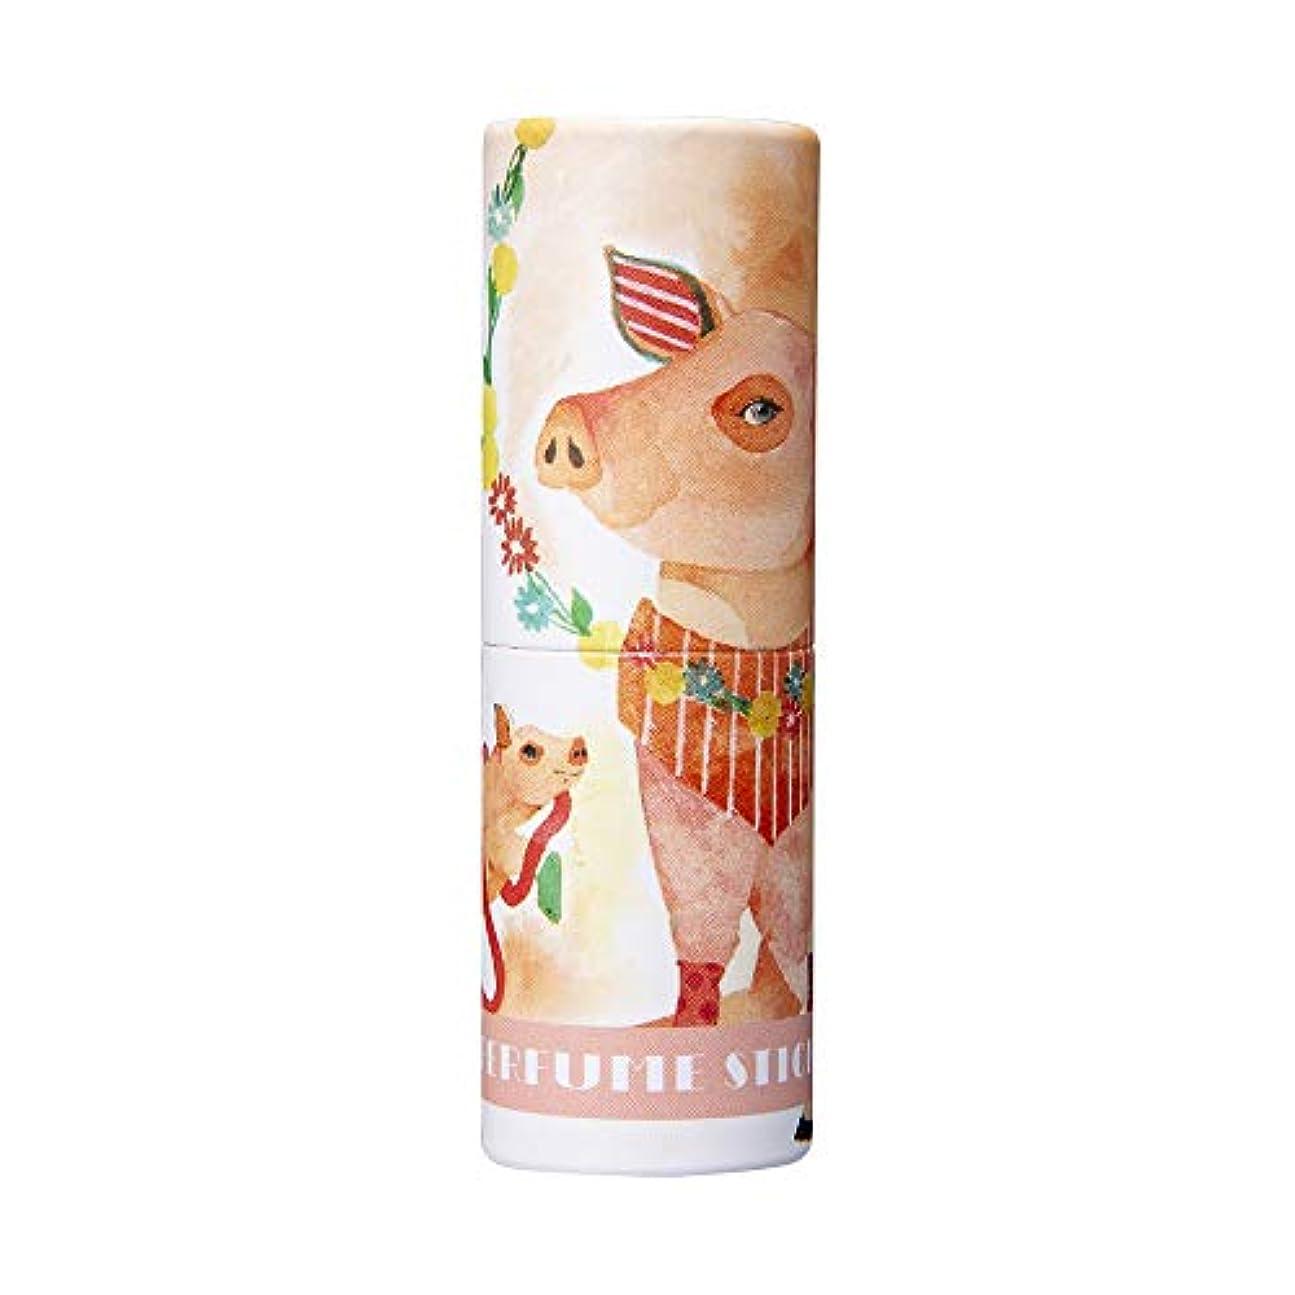 モールス信号絶滅した性別パフュームスティック ハッピー アップル&ローズの香り CatoFriendデザイン 5g